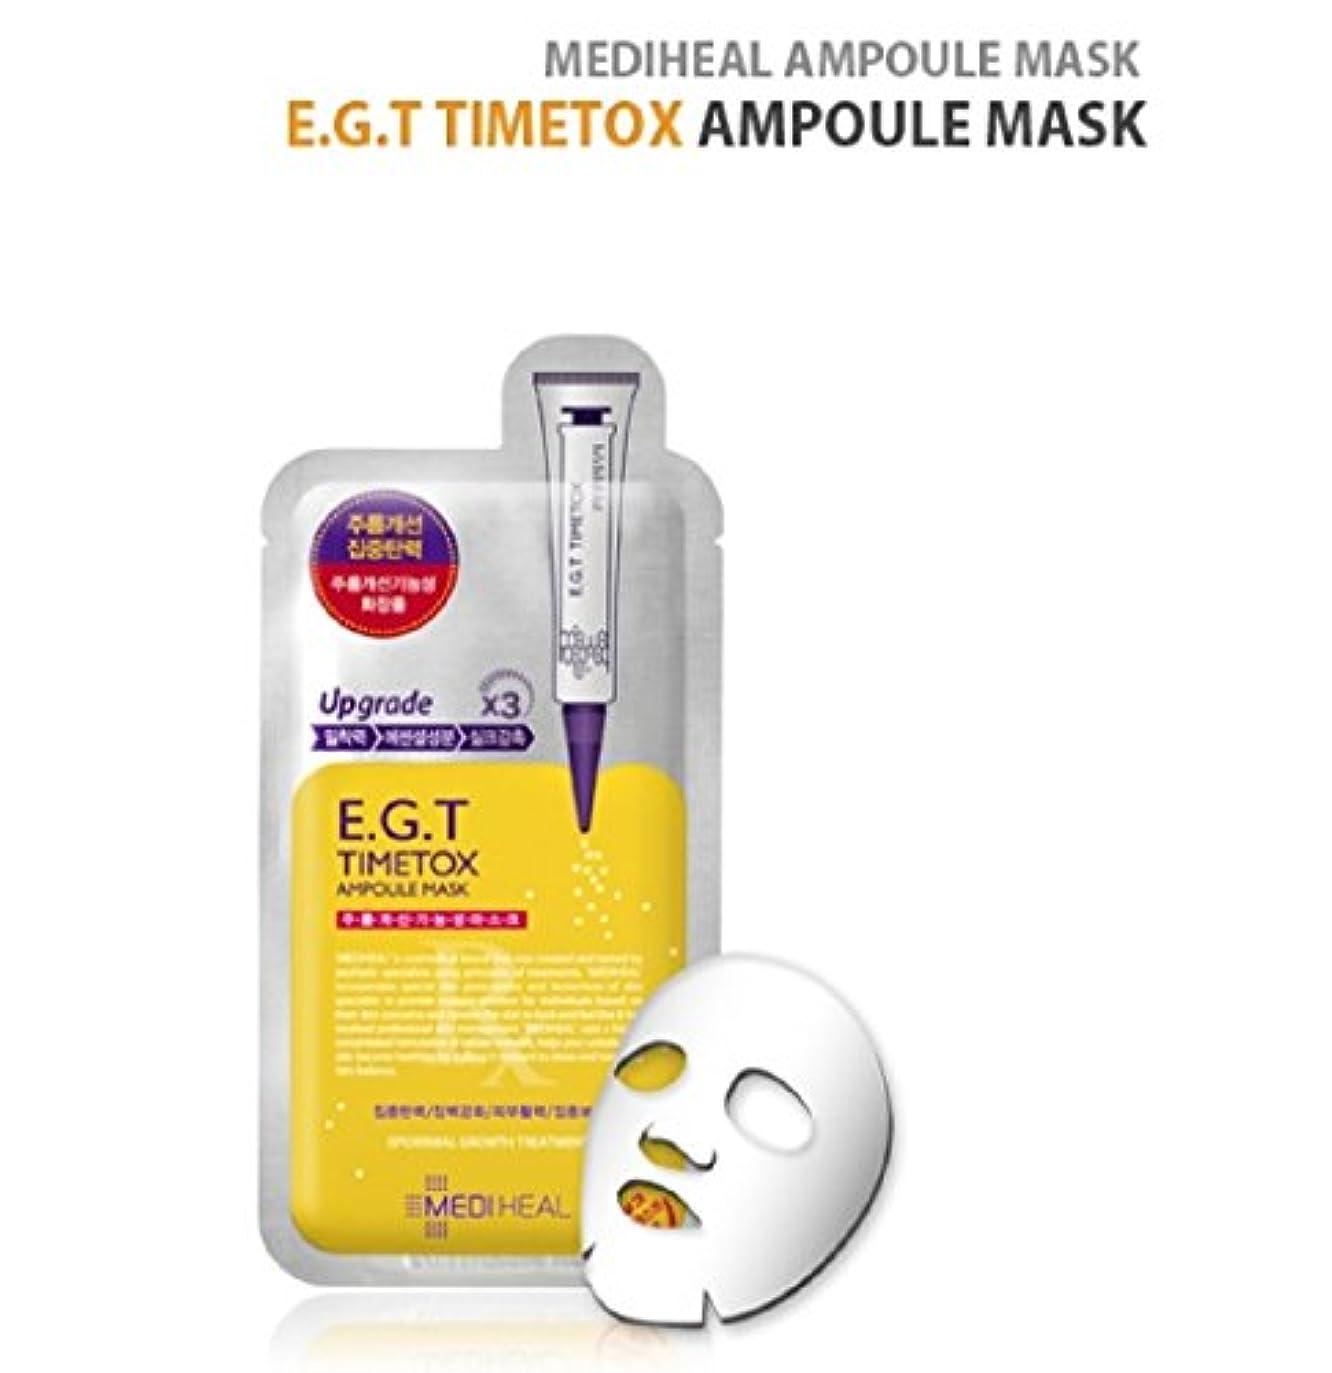 ミュウミュウ財政実証する【メディヒール】Timetoxアンプルマスクパック (10枚)5Upgrade MEDIHEAL E.G.T Timetox Ampule Mask Pack REX 10 piece [並行輸入品]